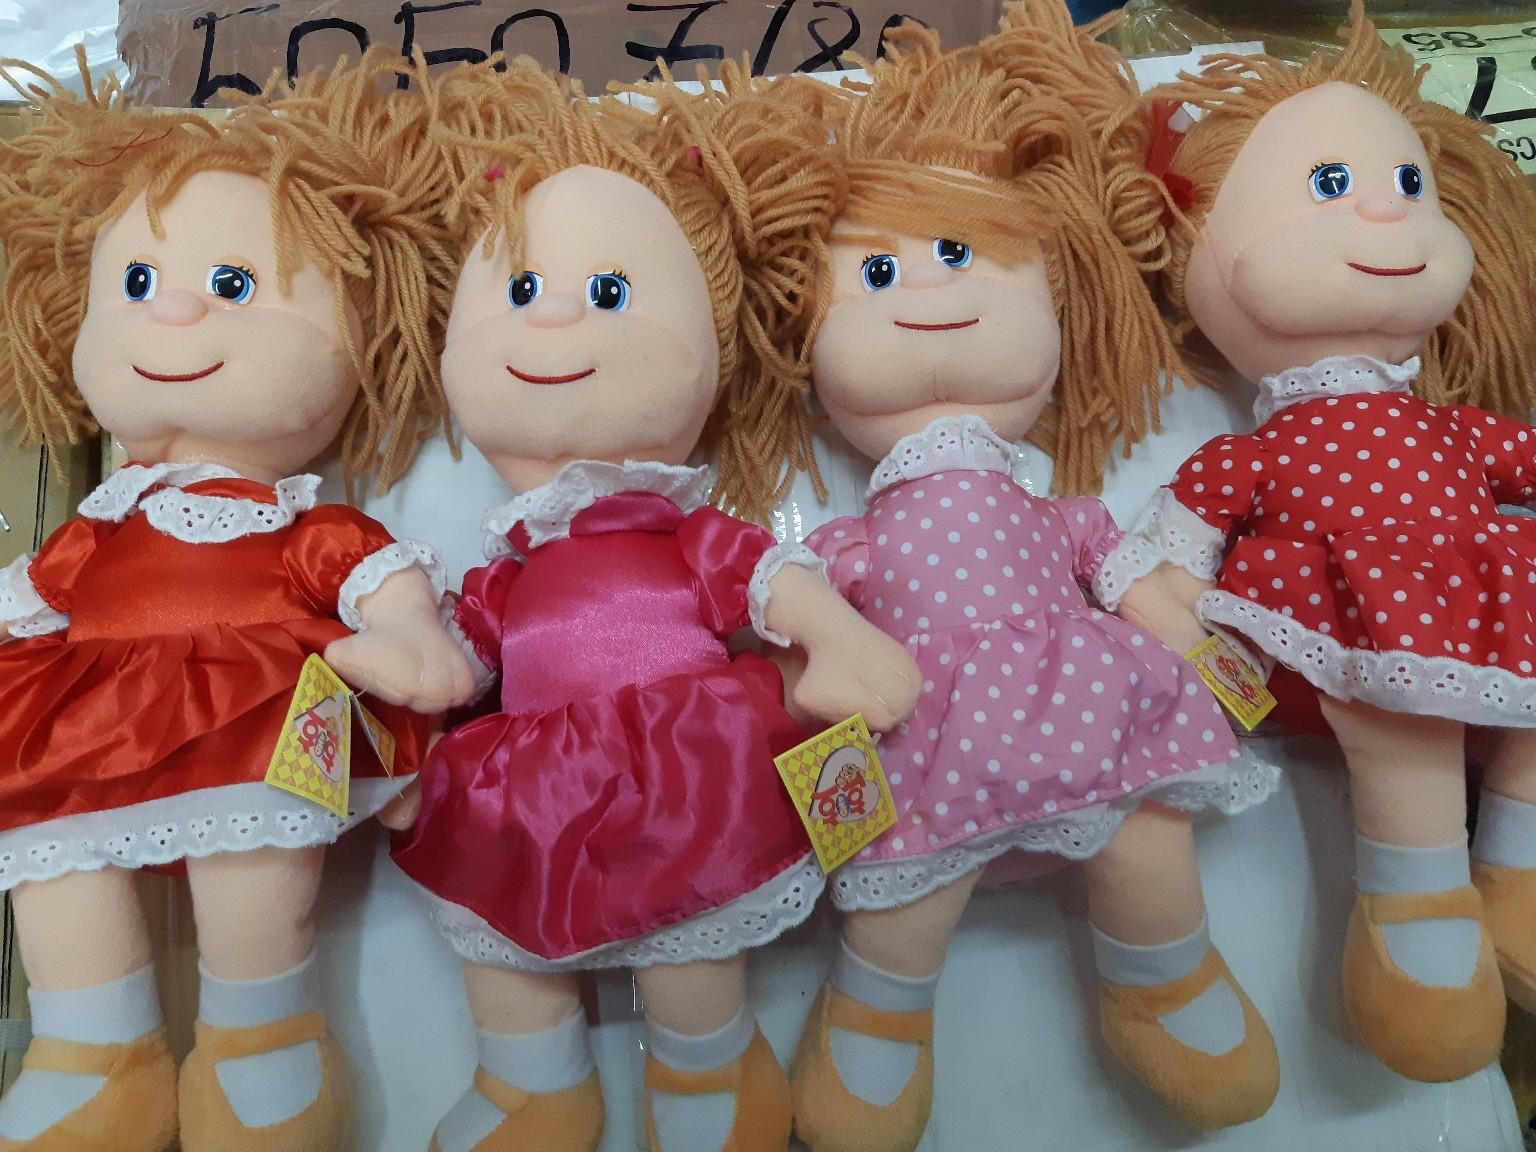 Мягкая музыкальная кукла в платье в четырёх расцветках